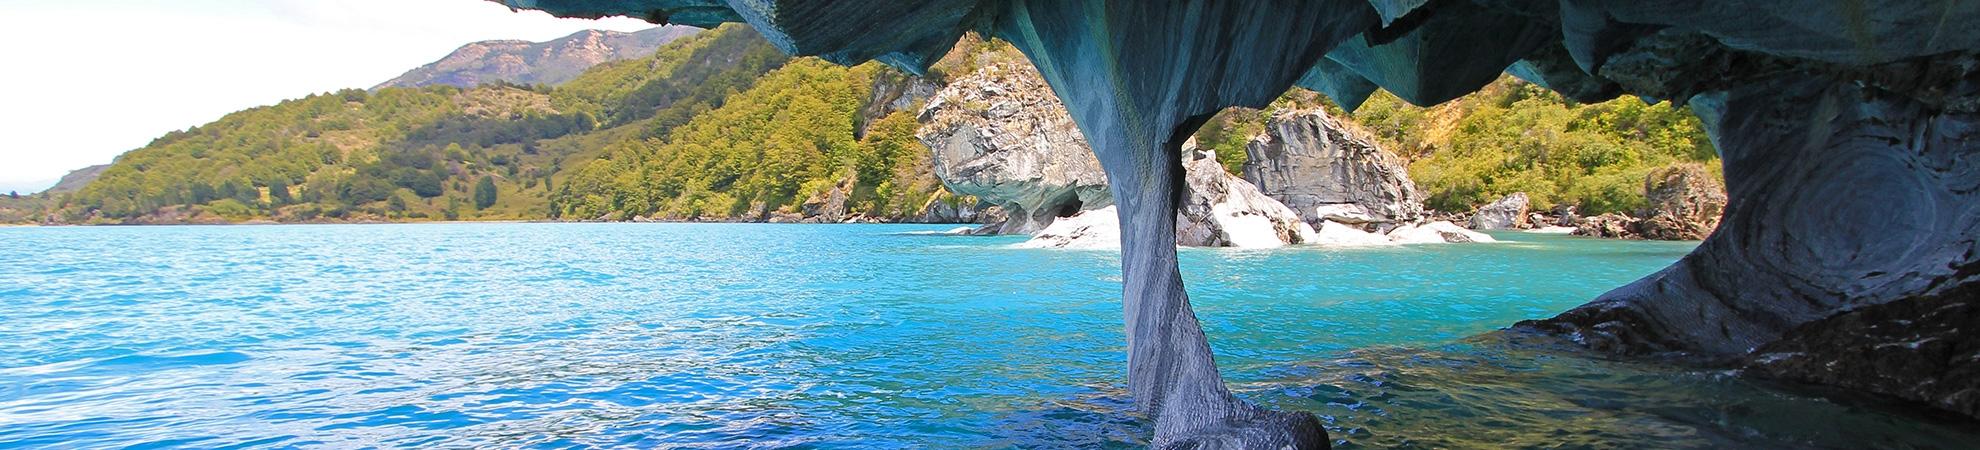 Voyage Puerto Rio Tranquilo